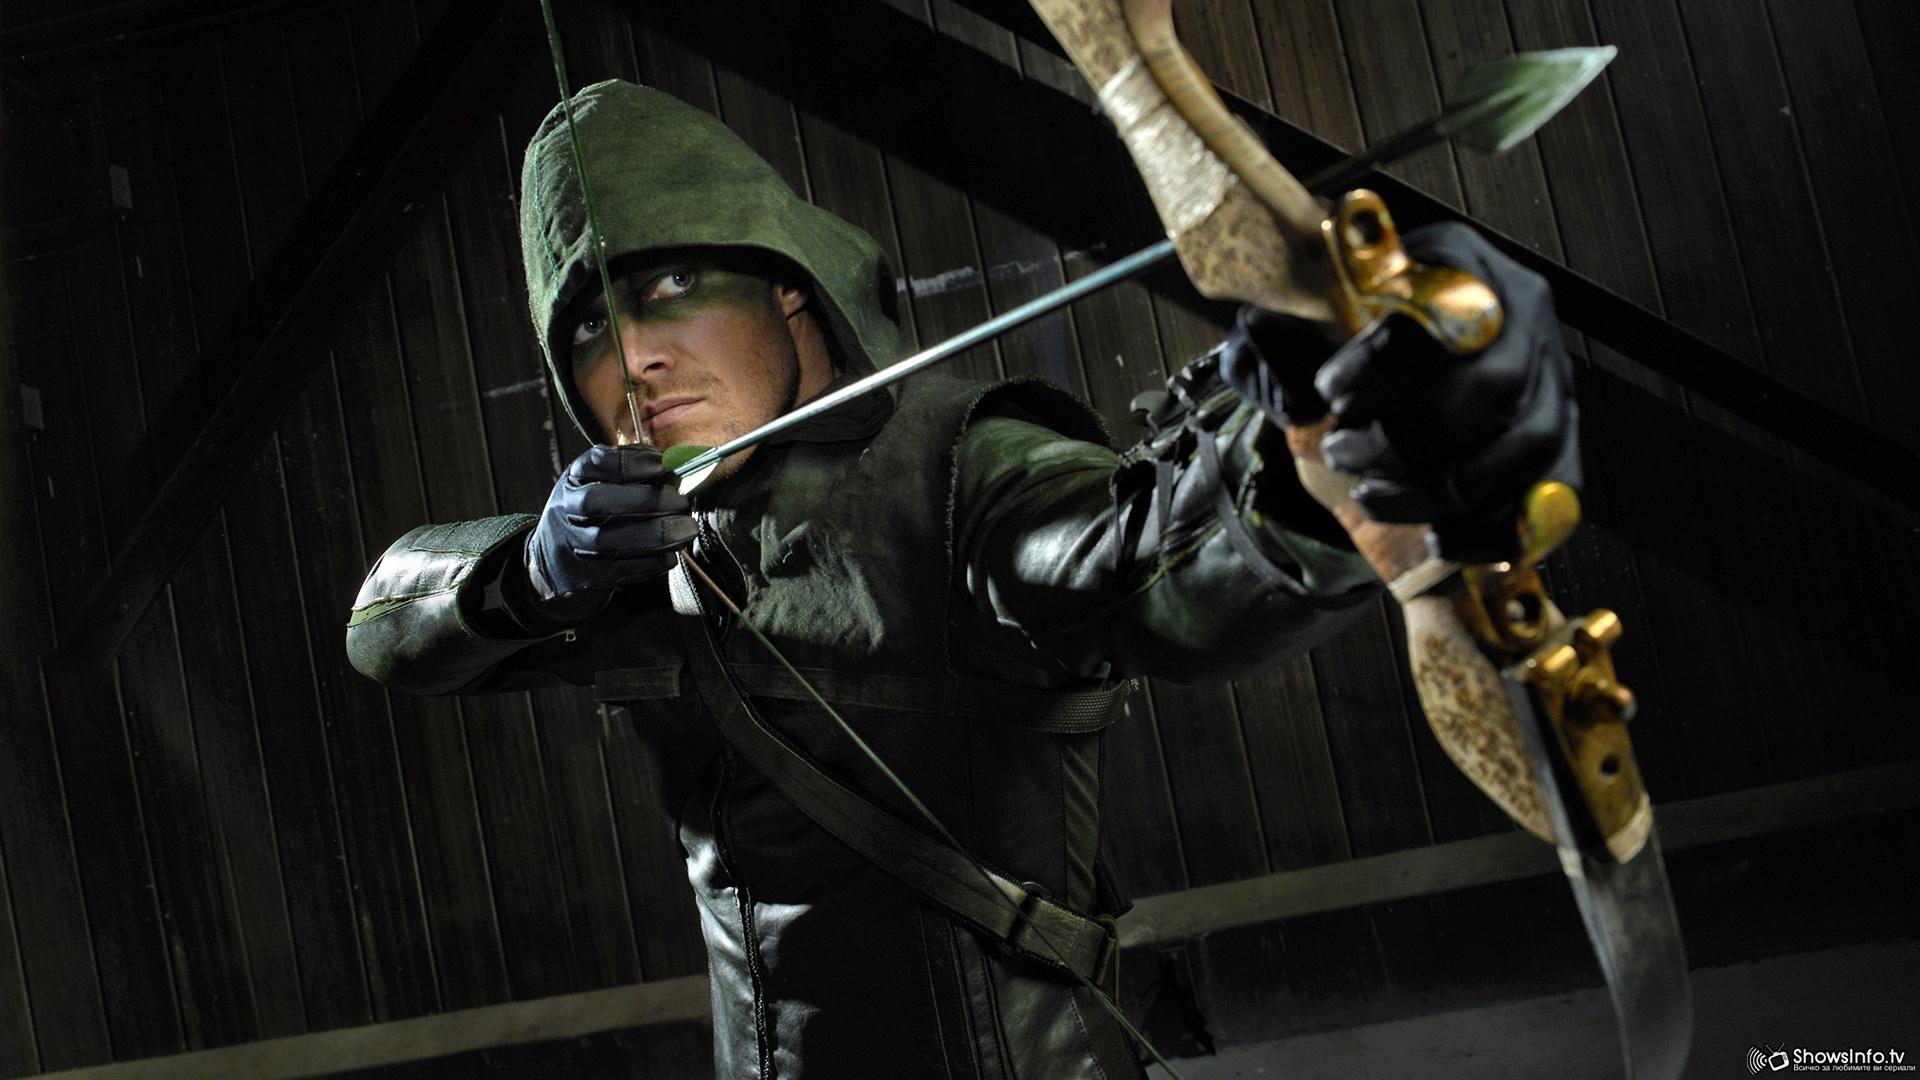 Arrow 1 Sezon Tüm Bölümler Hdtv Altyazılı Torrent Indir